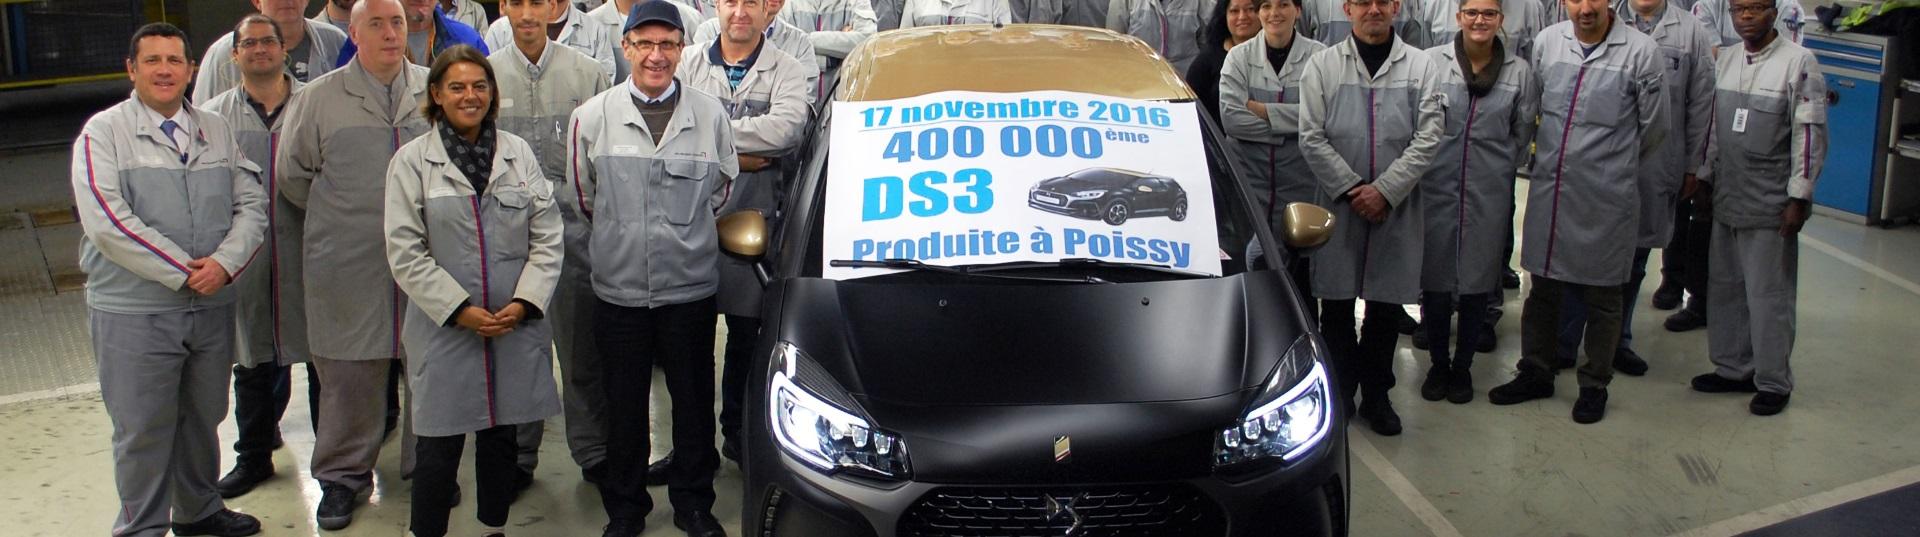 Peugeot DS3